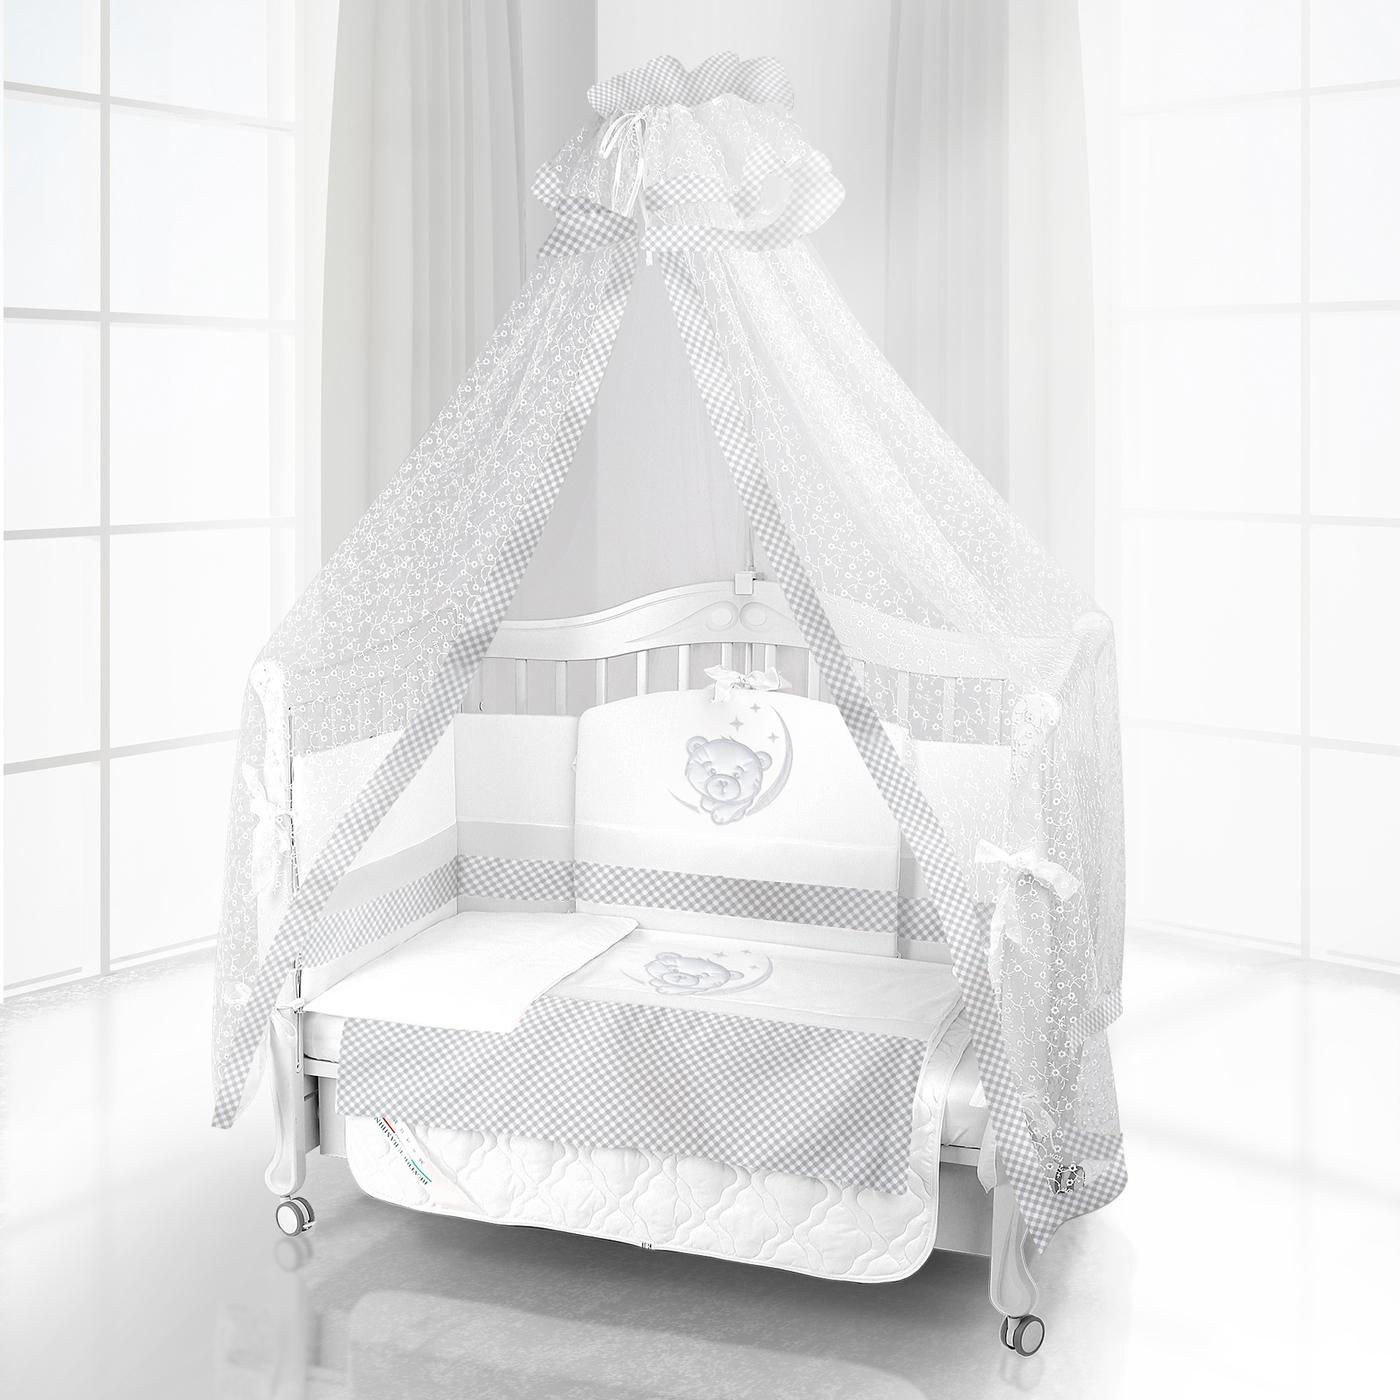 Комплект постельного белья Beatrice Bambini Unico Sogno (120х60) - BIANCO/GRIGIO